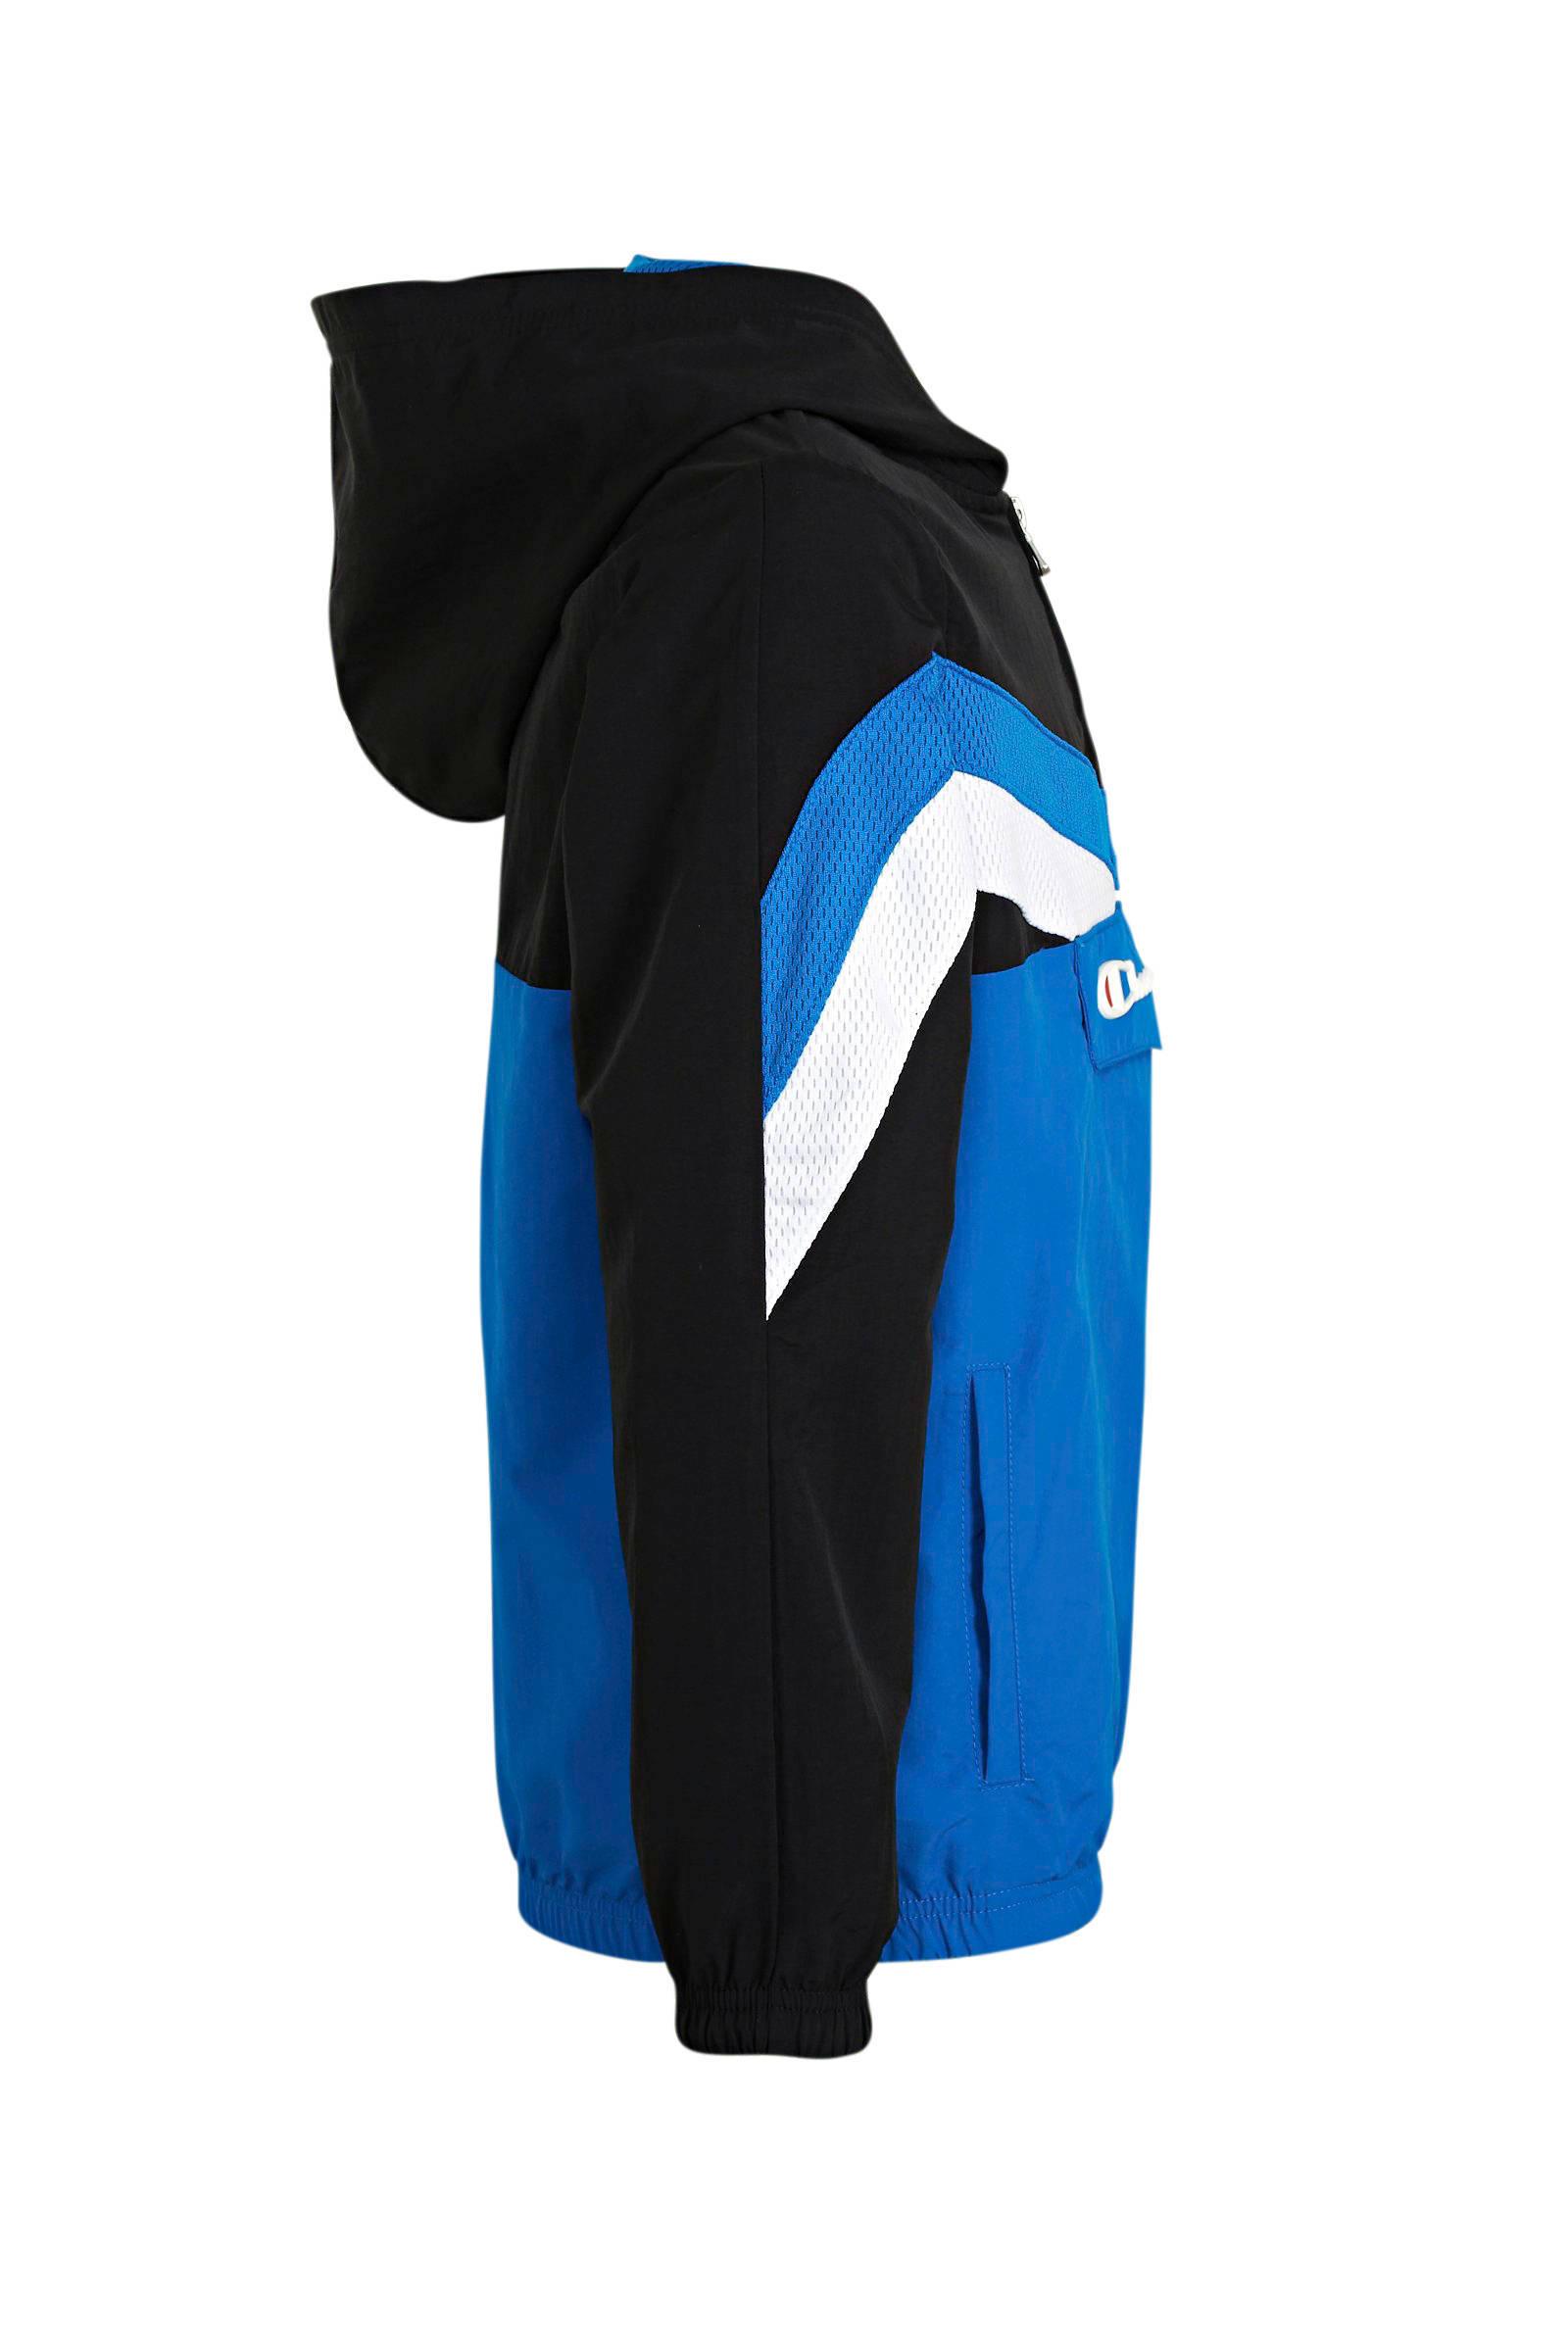 Champion anorakzomerjas met logo zwartblauwwit | wehkamp